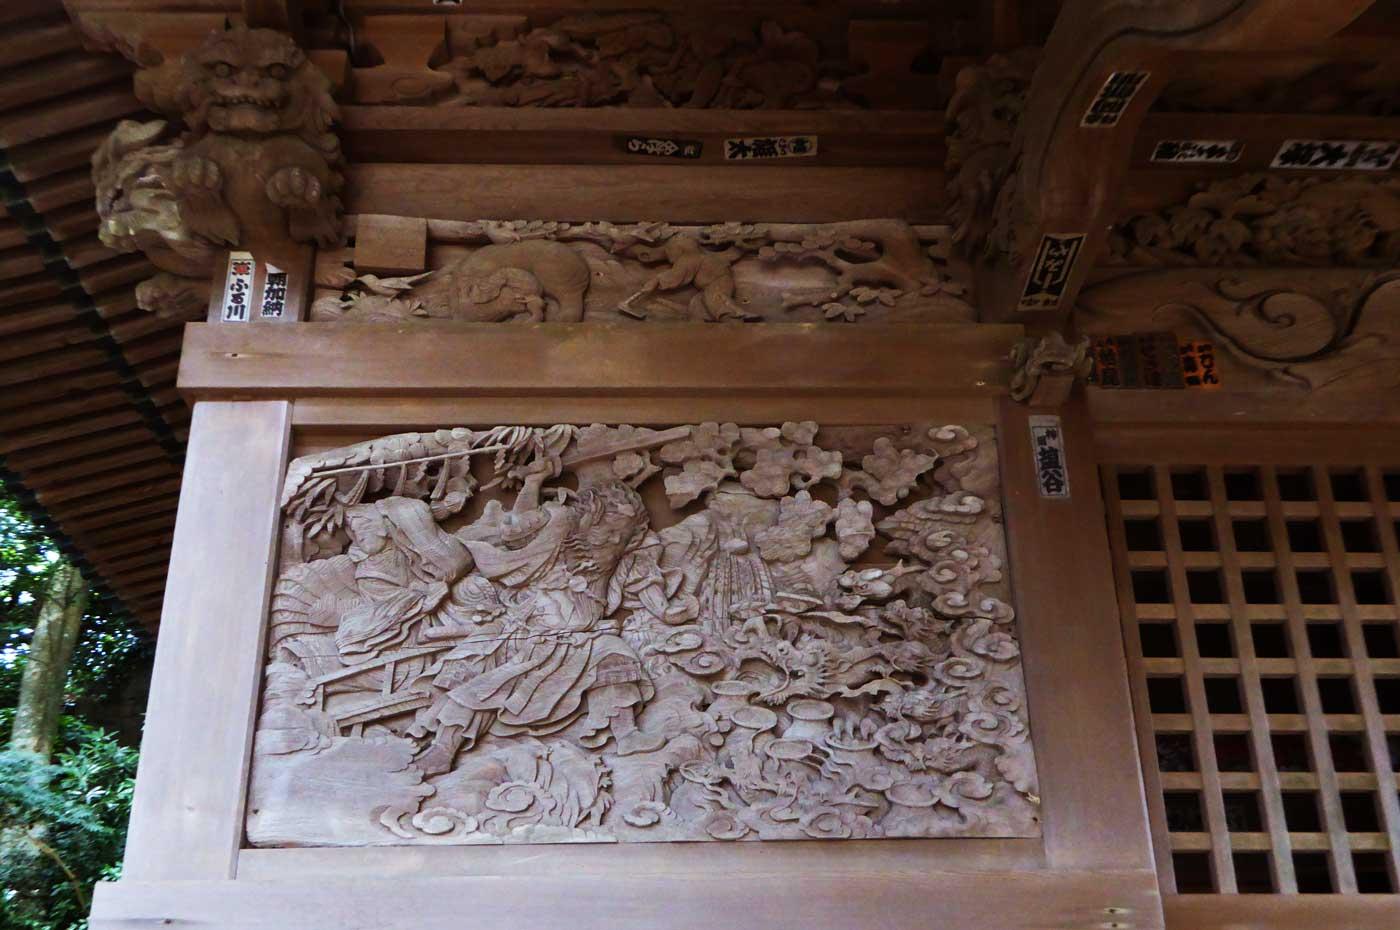 海南刀切神社のヤマタノオロチ伝説の彫刻